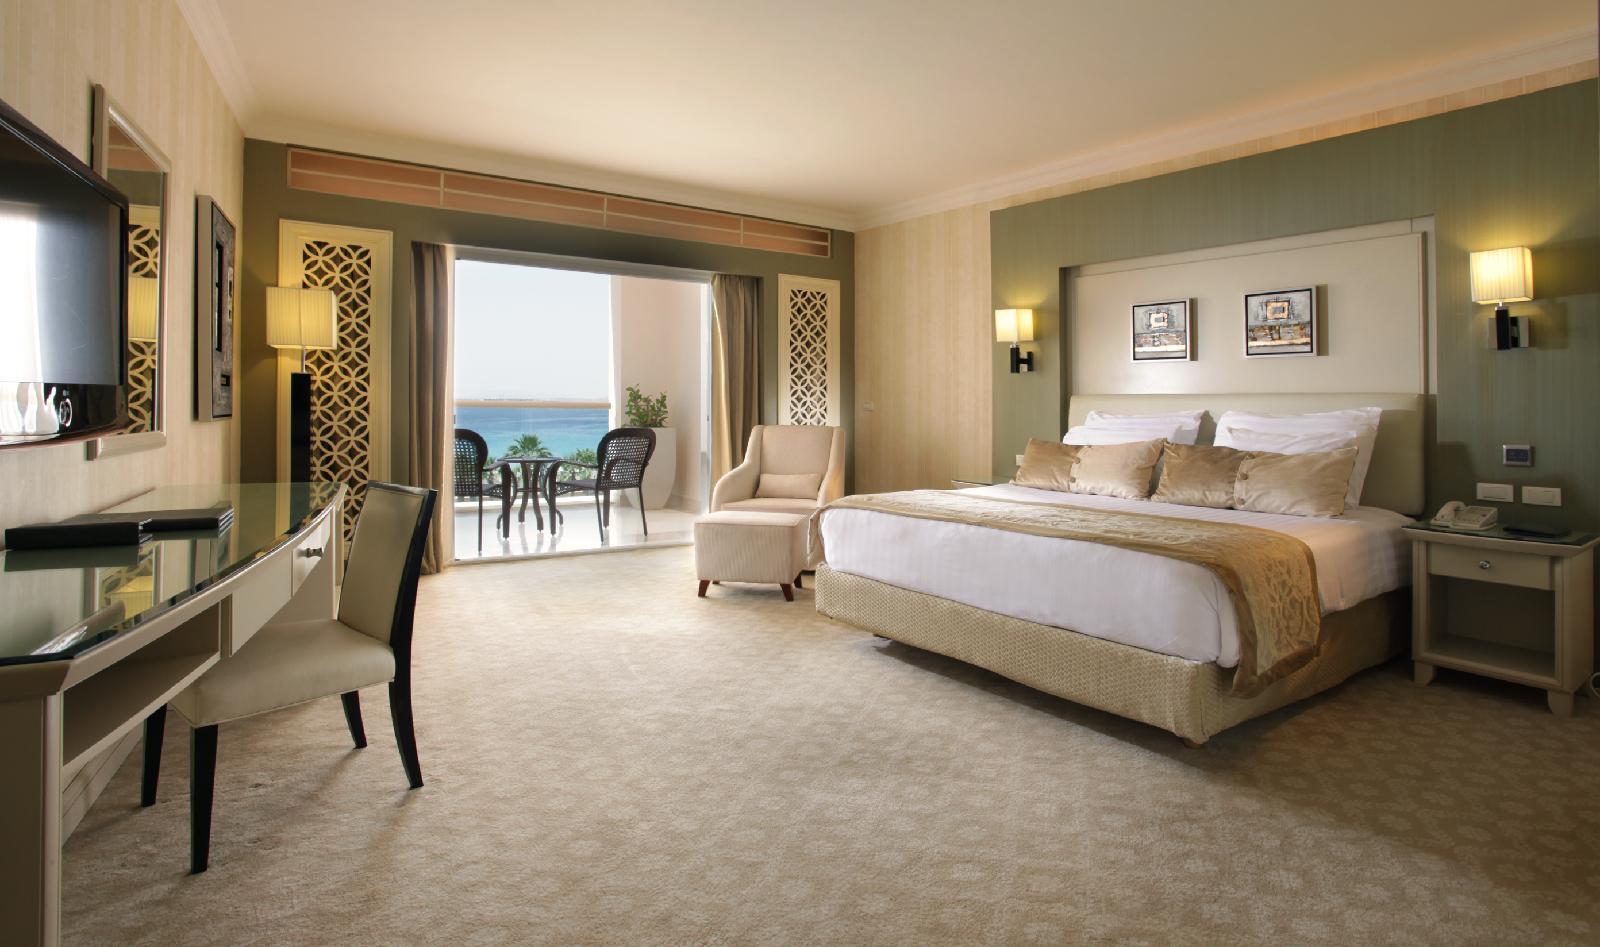 Sunrise Romance Sahl Hasheesh Resort, Hurghada Image 0